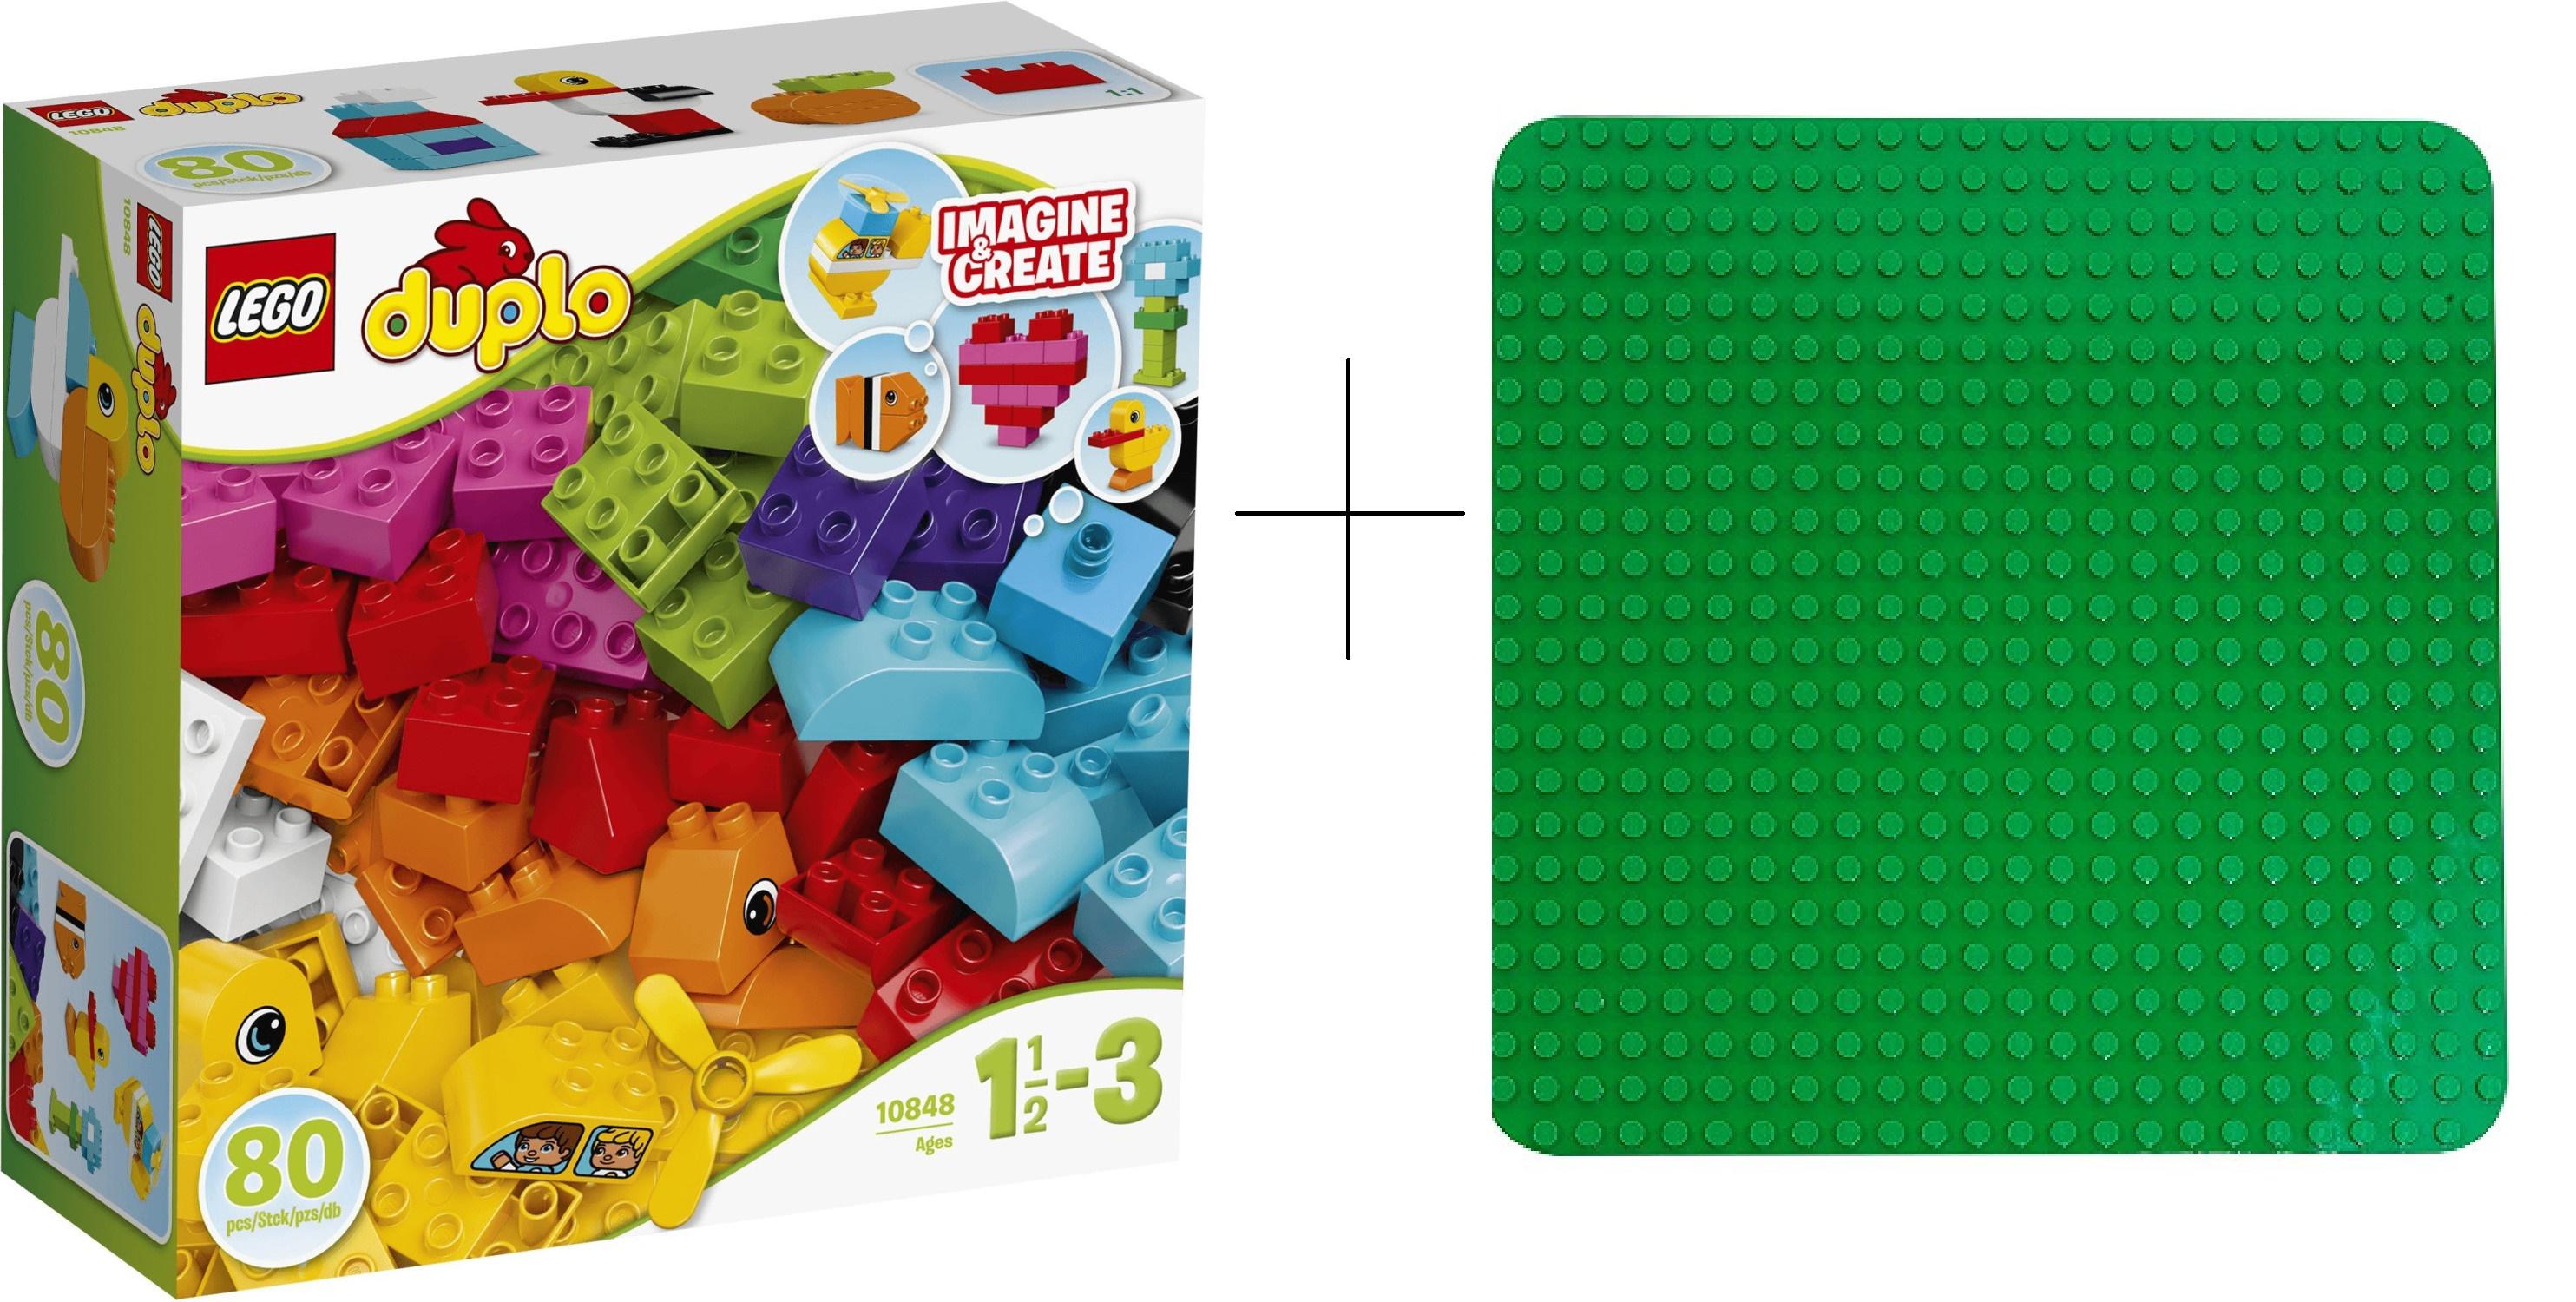 Lego Duplo Basisplatte + Bausteine Gutscheinfehler